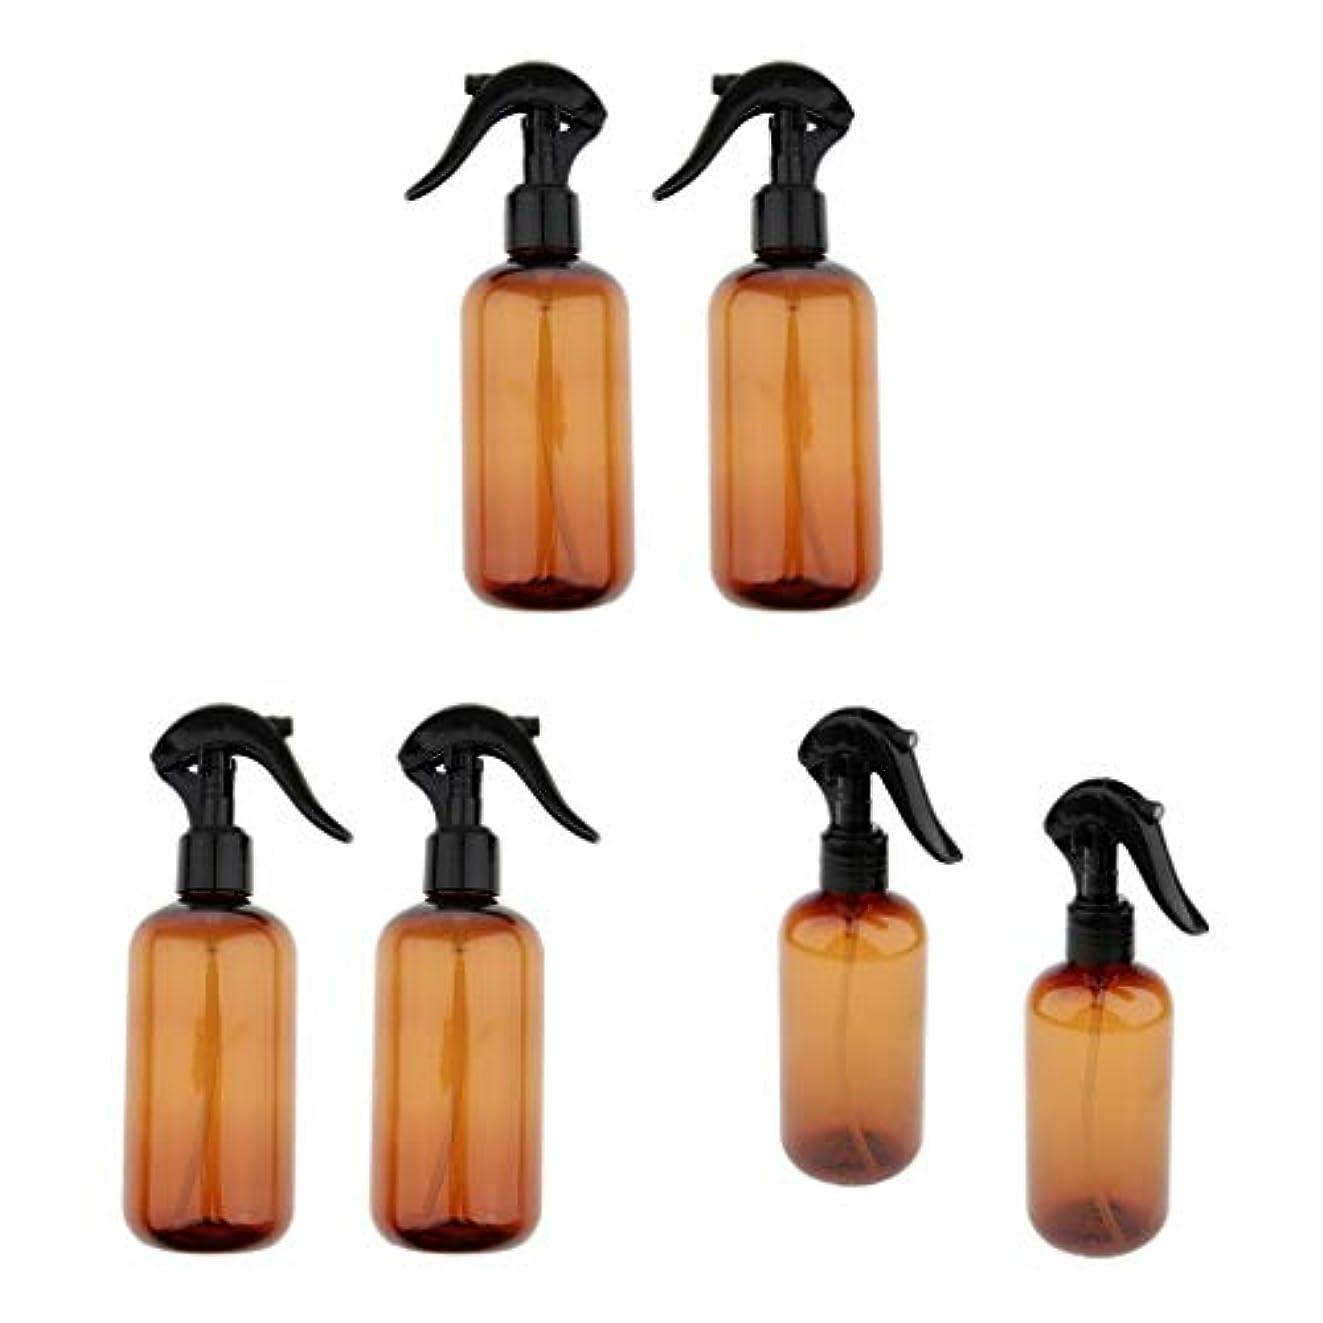 区画フルーツ梨T TOOYFUL 6×250ミリリットルスプレーボトルトリガーエッセンシャルオイル香水エンプティアンバーファインミスト